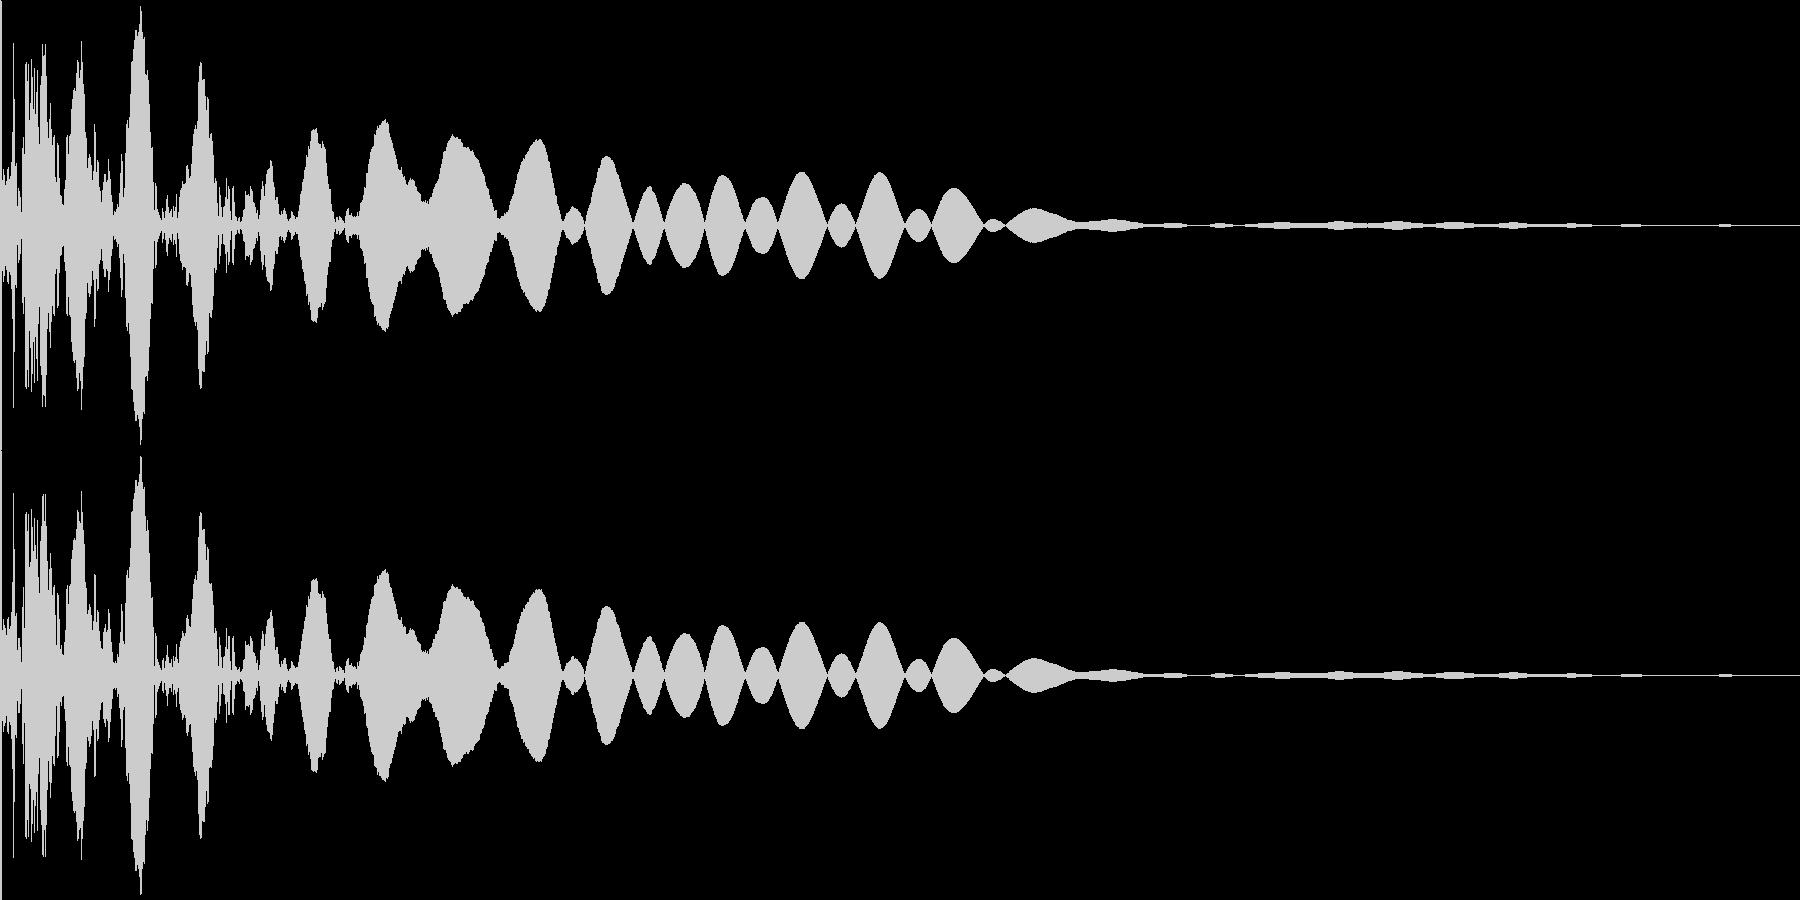 ボールがバウンドするイメージの未再生の波形